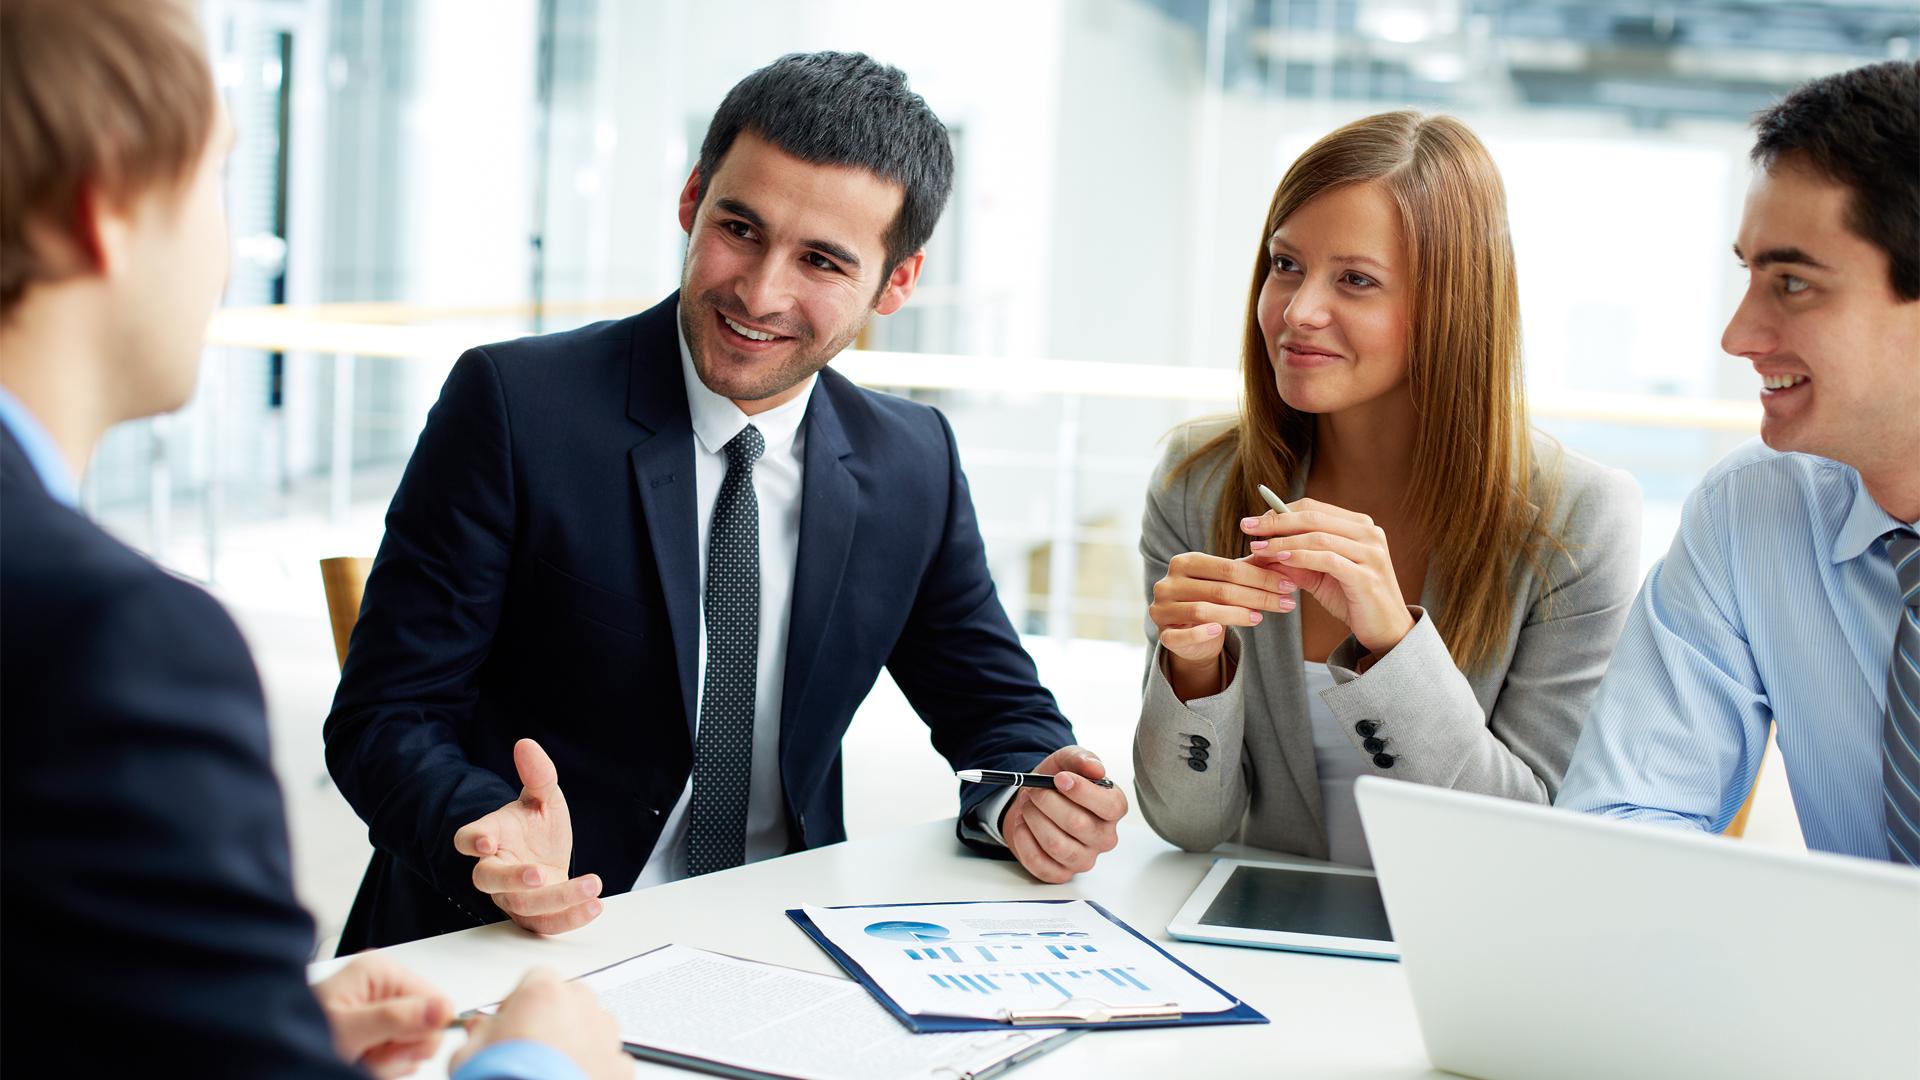 Salesforce espera que al menos la mitad de sus empleados sigan trabajando a distancia